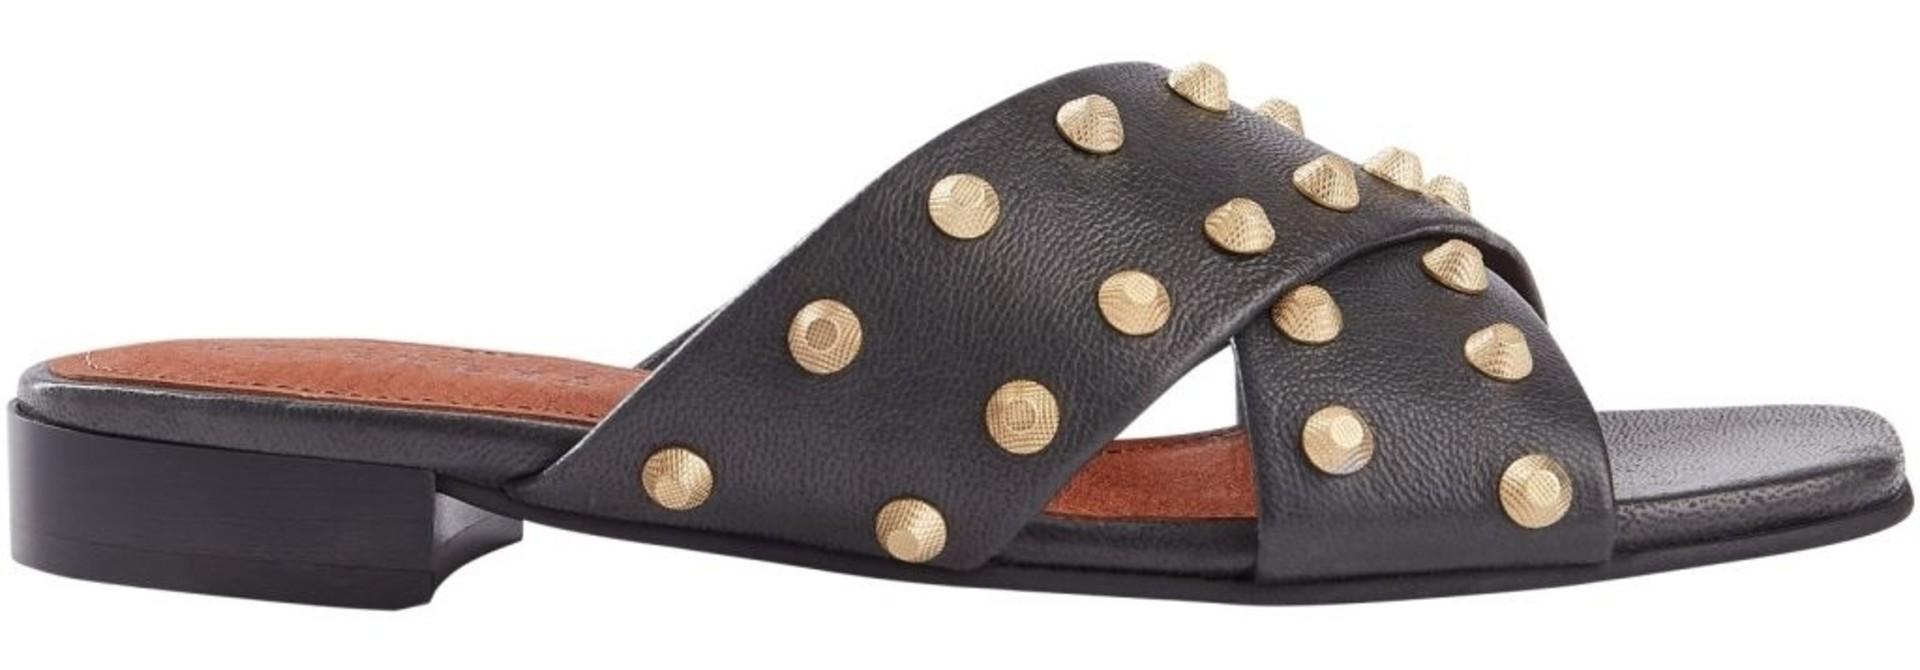 Giselle black slipper